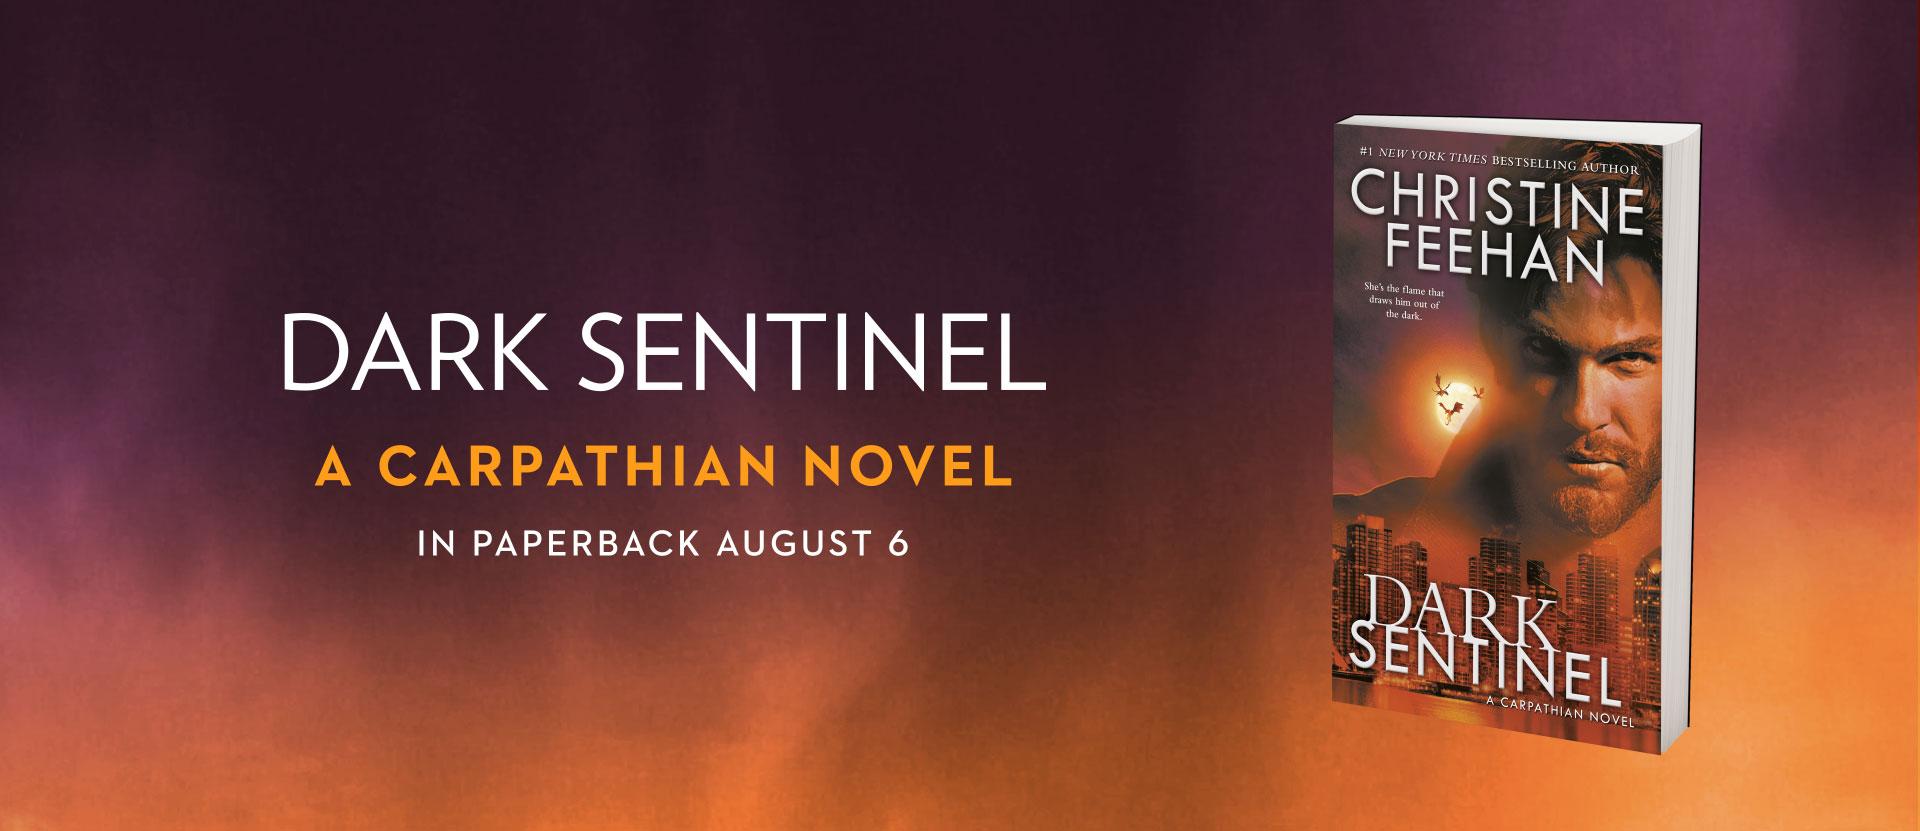 Dark Sentinel in paperback!